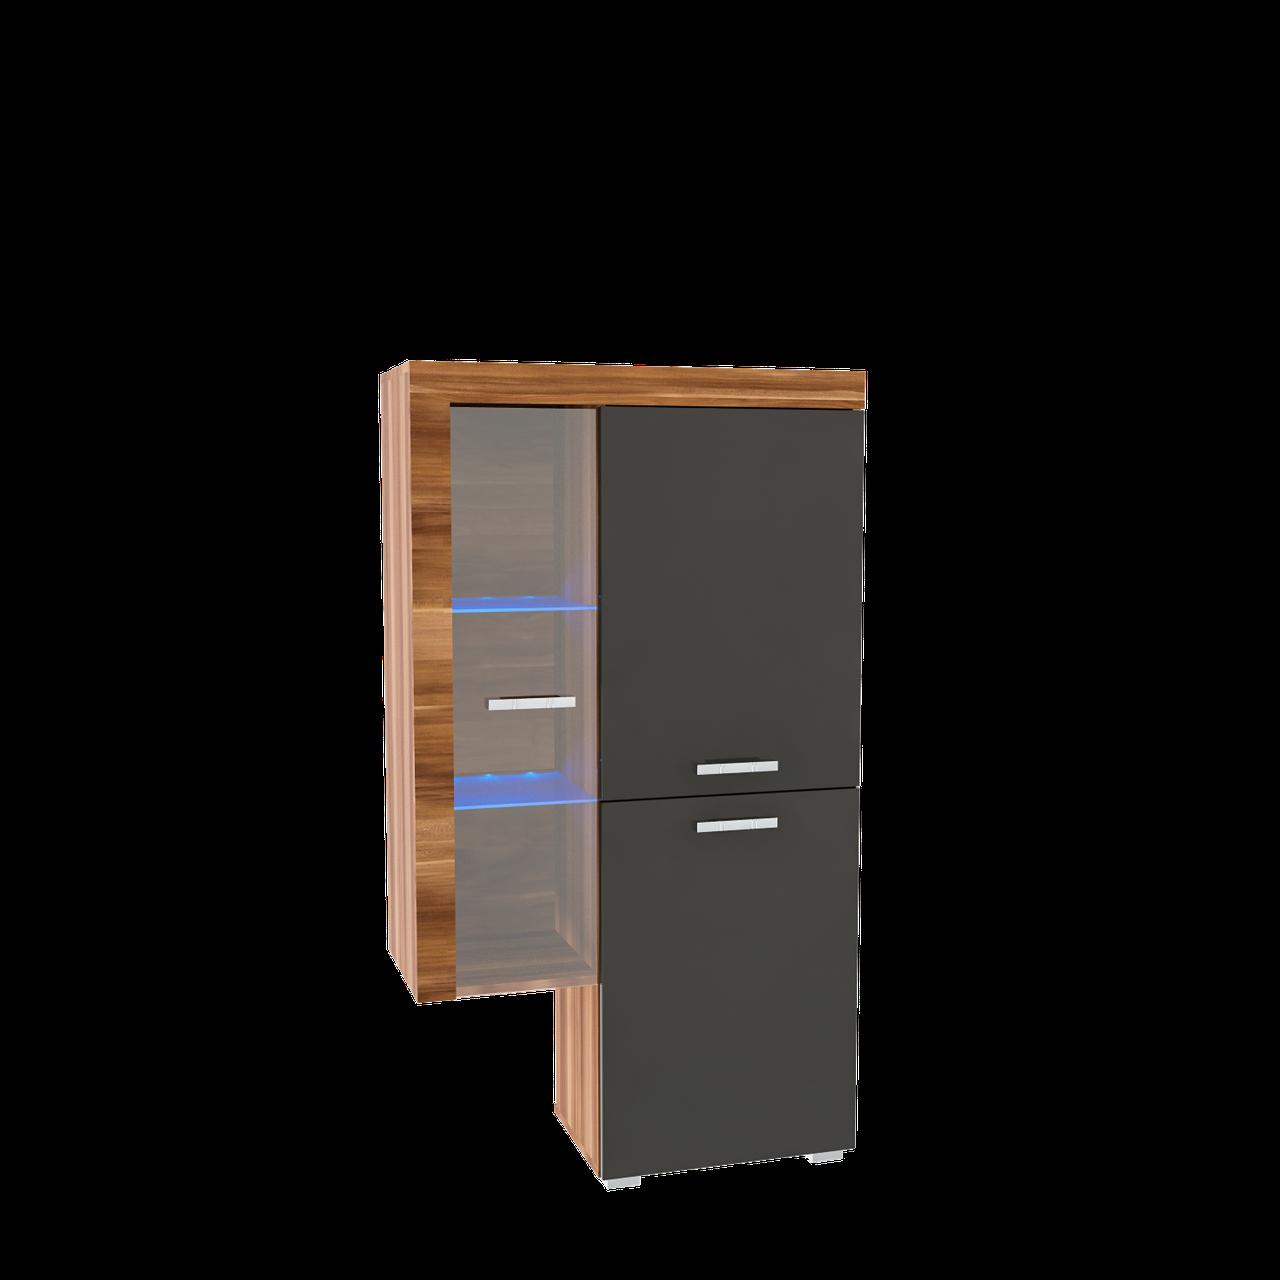 Система Вітрина сервант у вітальню з ДСП/МДФ РТВ права Sakura M Blonski